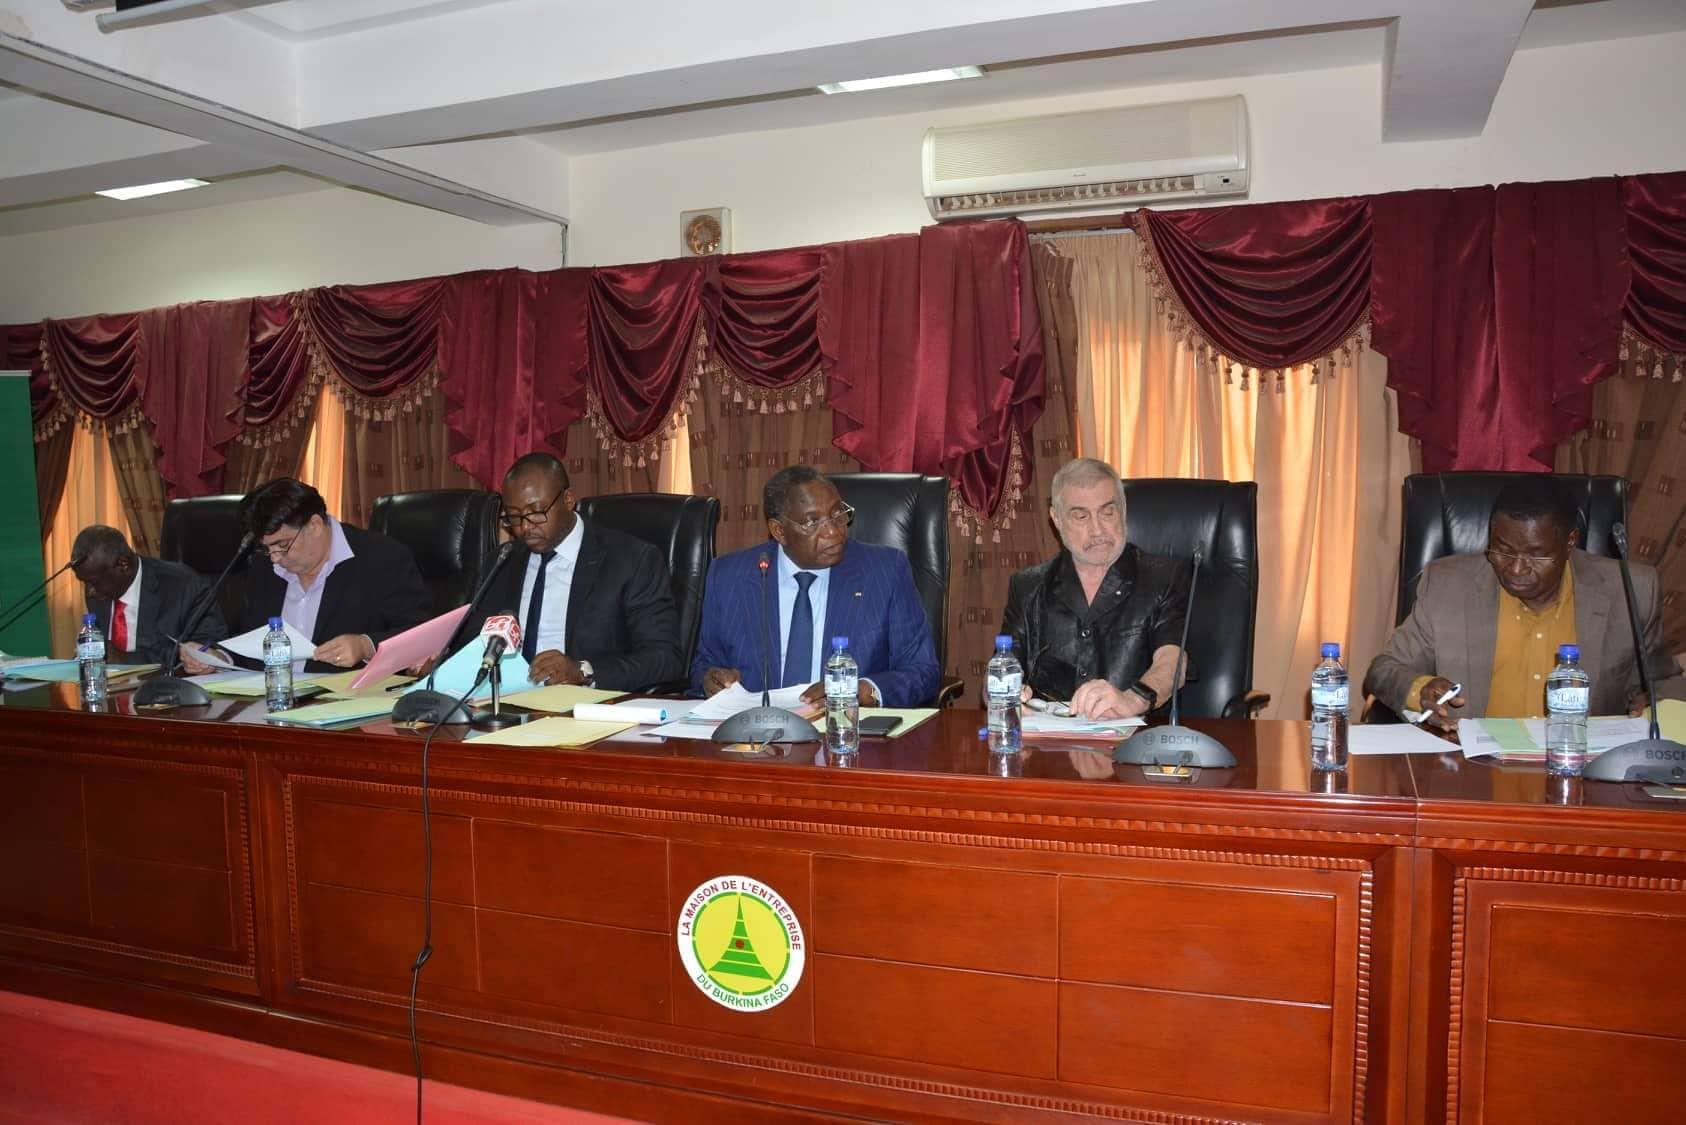 AG du CIDEF: Un excédent de gestion qui dénote de la bonne marche de l'organisation